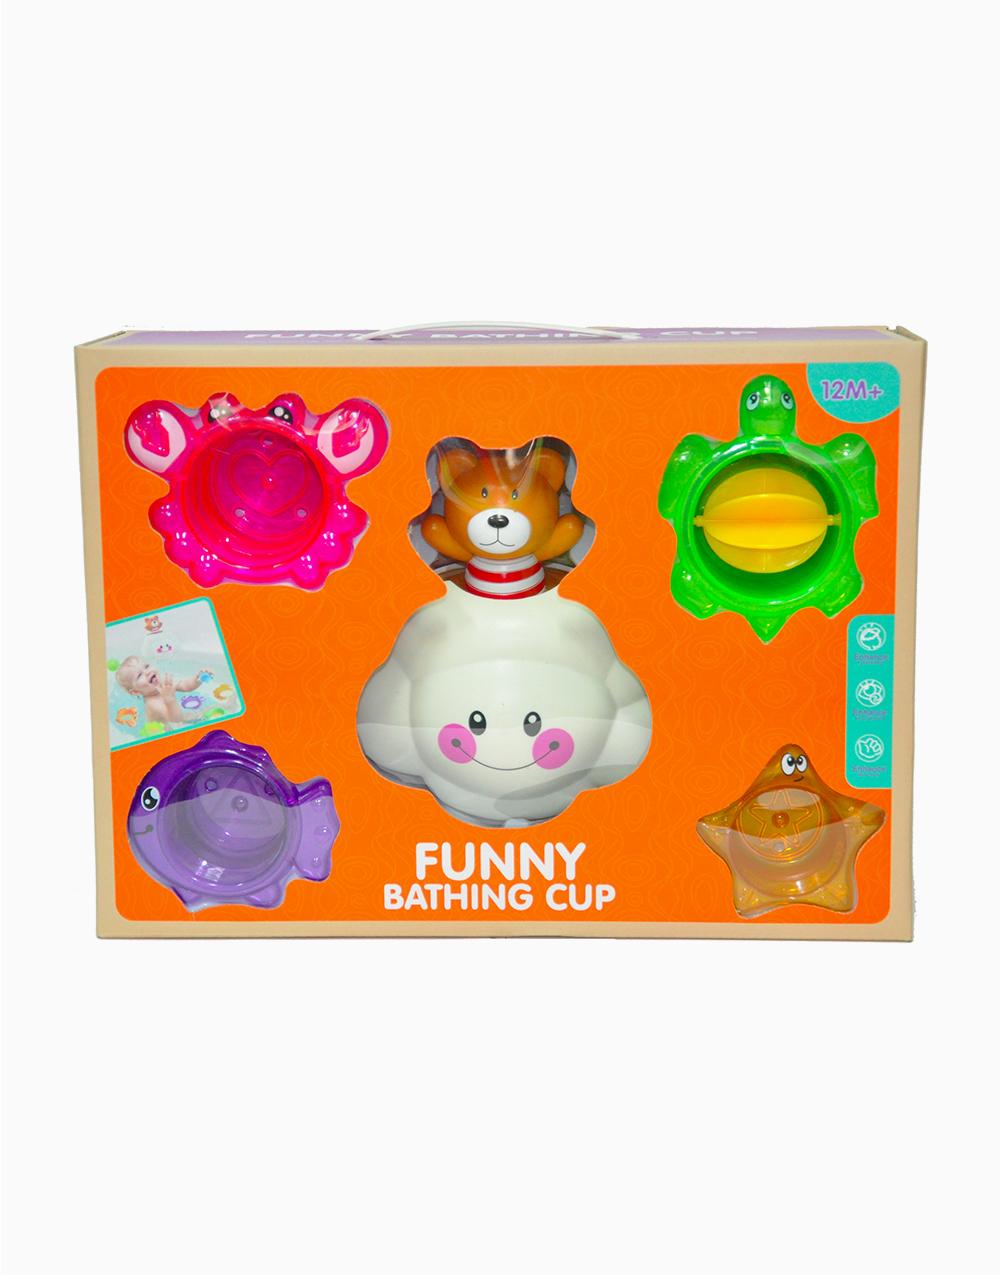 Funny Bathing Cup Bath Toys (6628) by BathFun